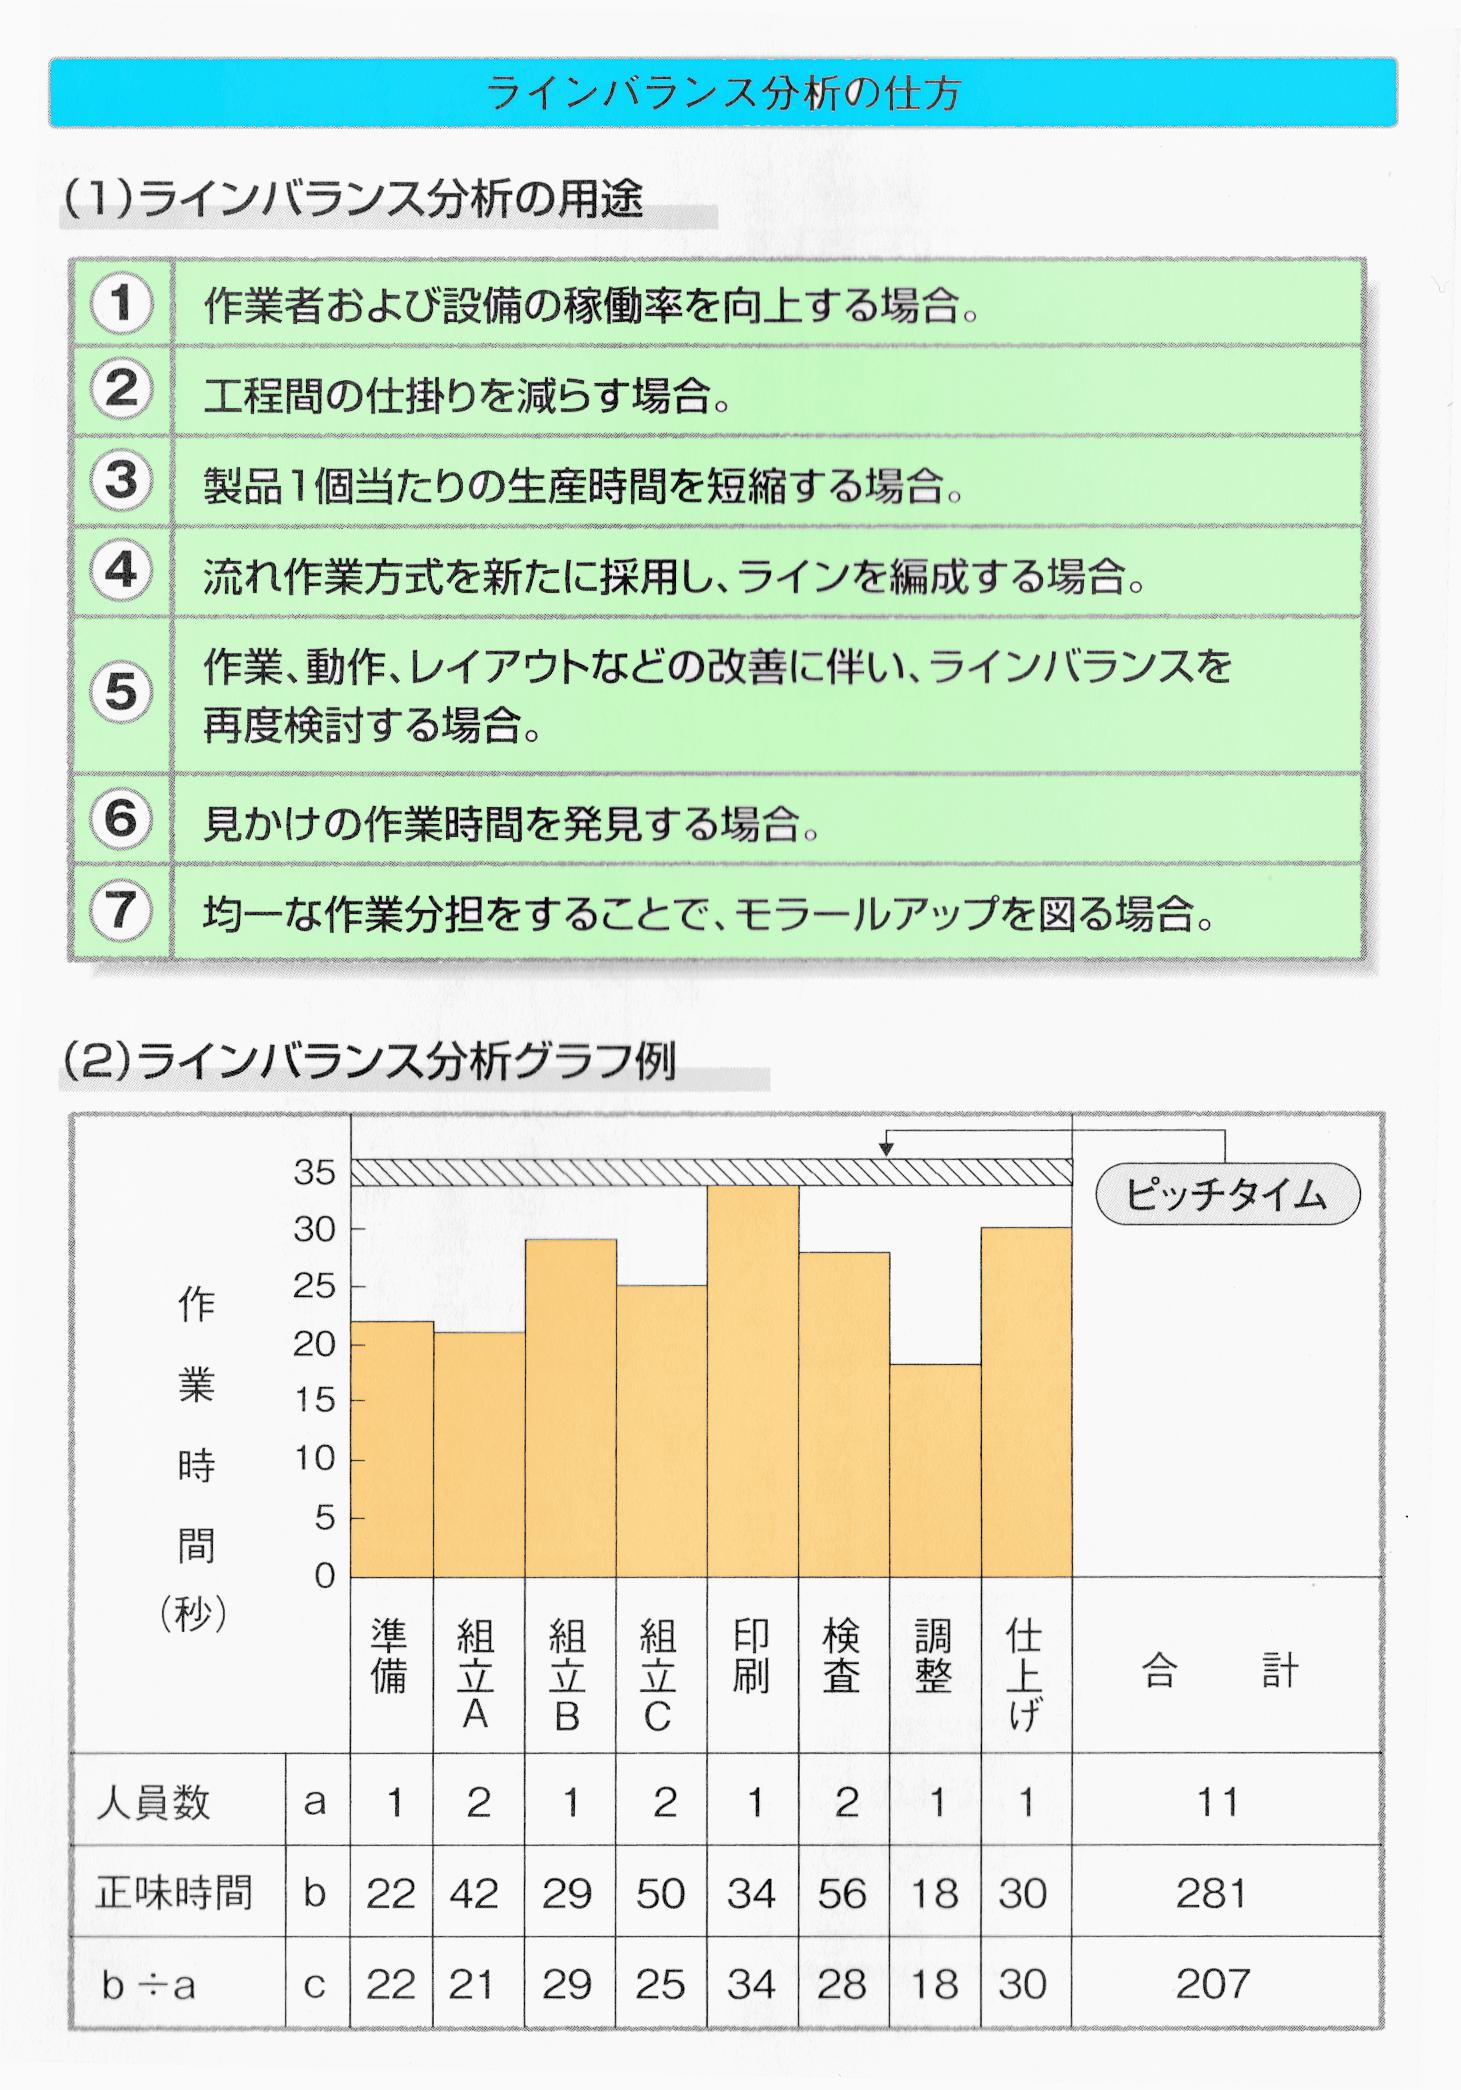 ラインバランス分析グラフの作成手順